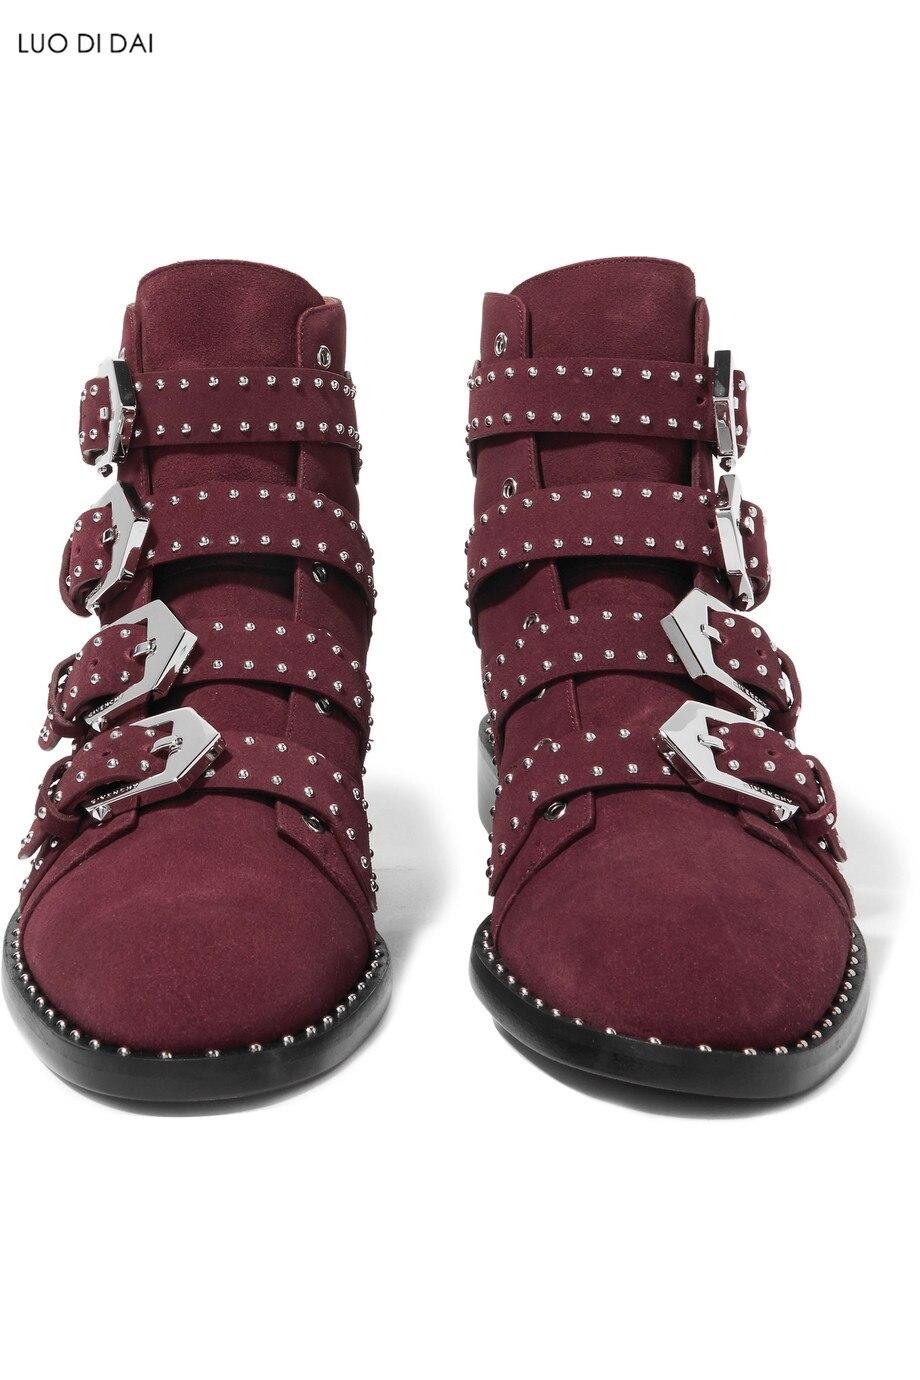 Perles Femmes En Vin Rouge Boucle Chaussures Talon 2019 Suédé De Plat Toe Chaussons Cuir Soirée Point Nouveauté Bottines Bottes CWBordex